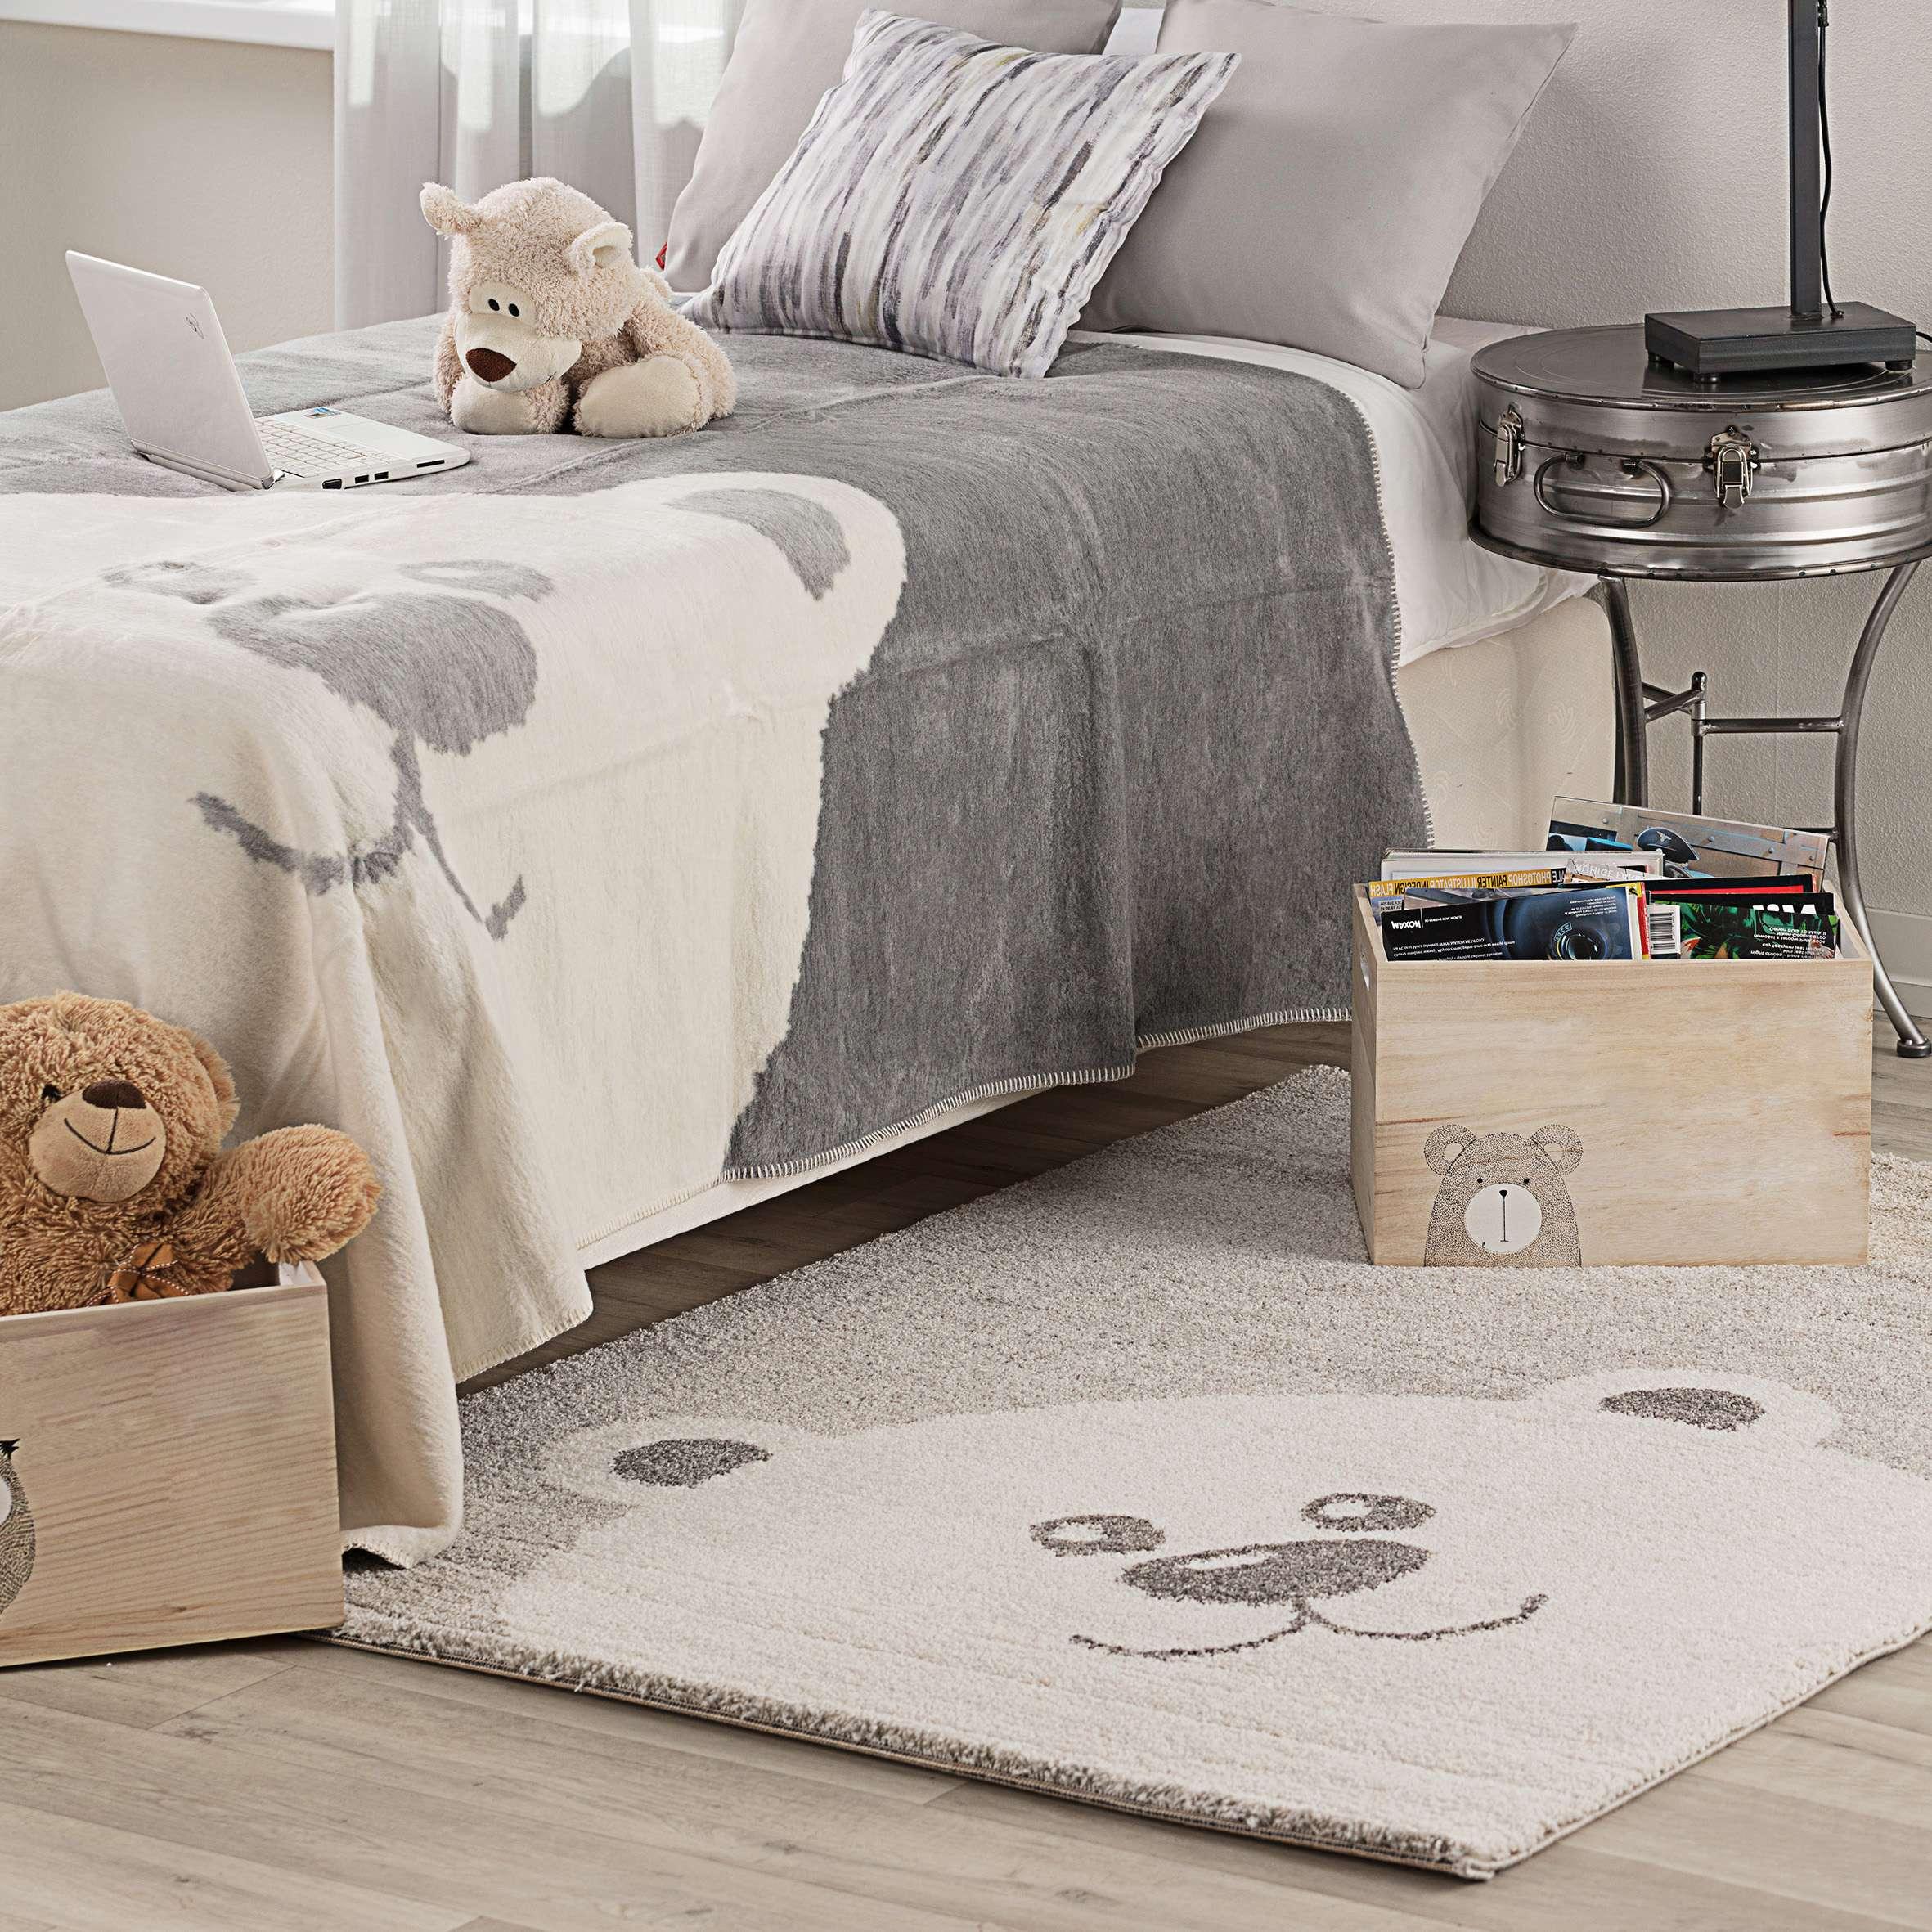 Teppich Teddy Bear 120x170cm rechts